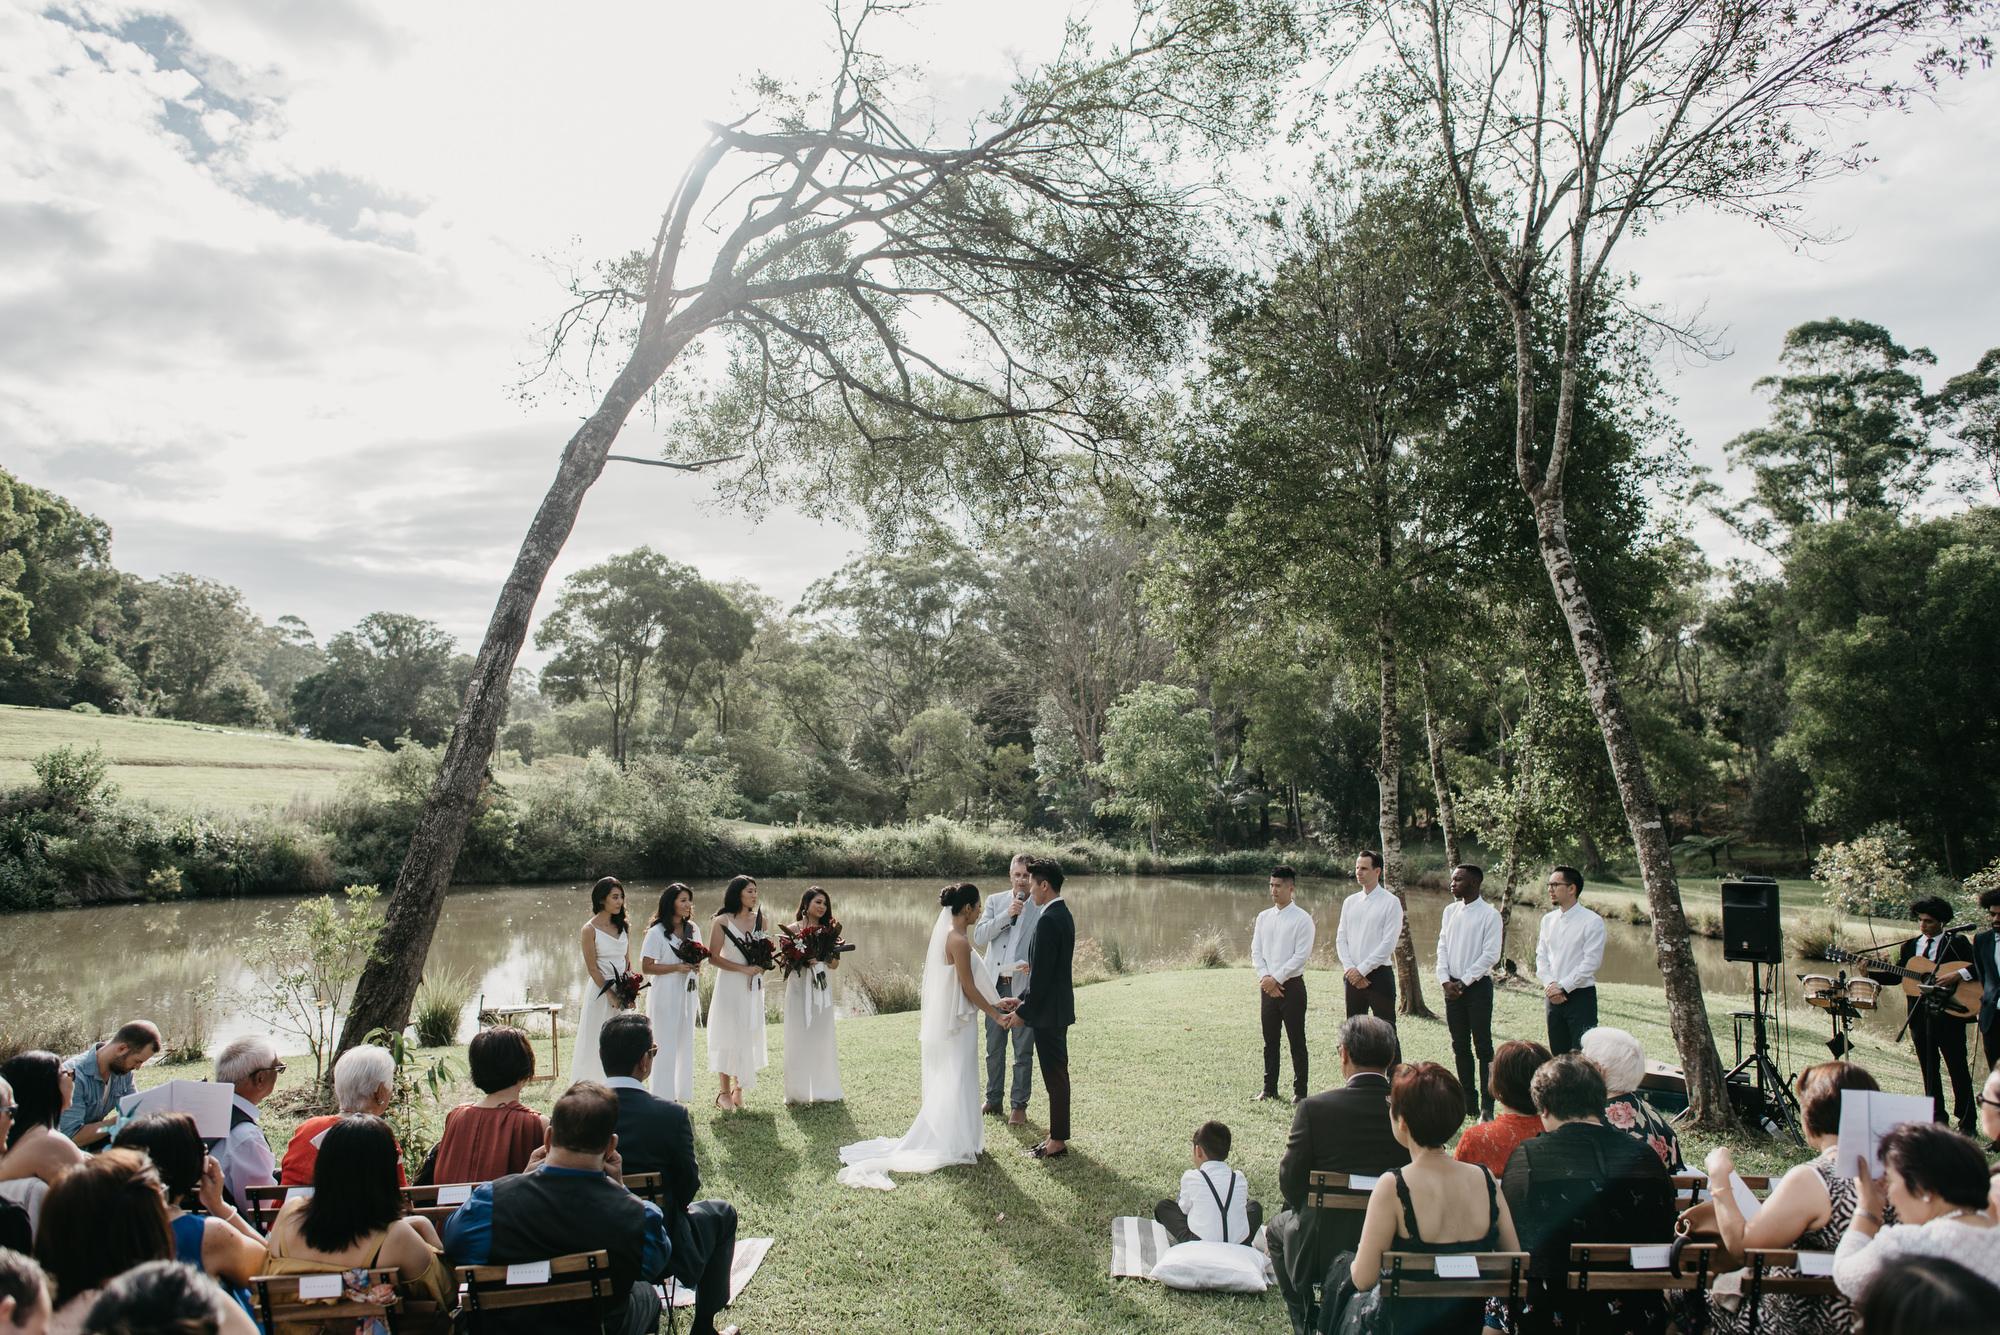 EPHEMERAL CREATIVE Falls Farm wedding ceremony location